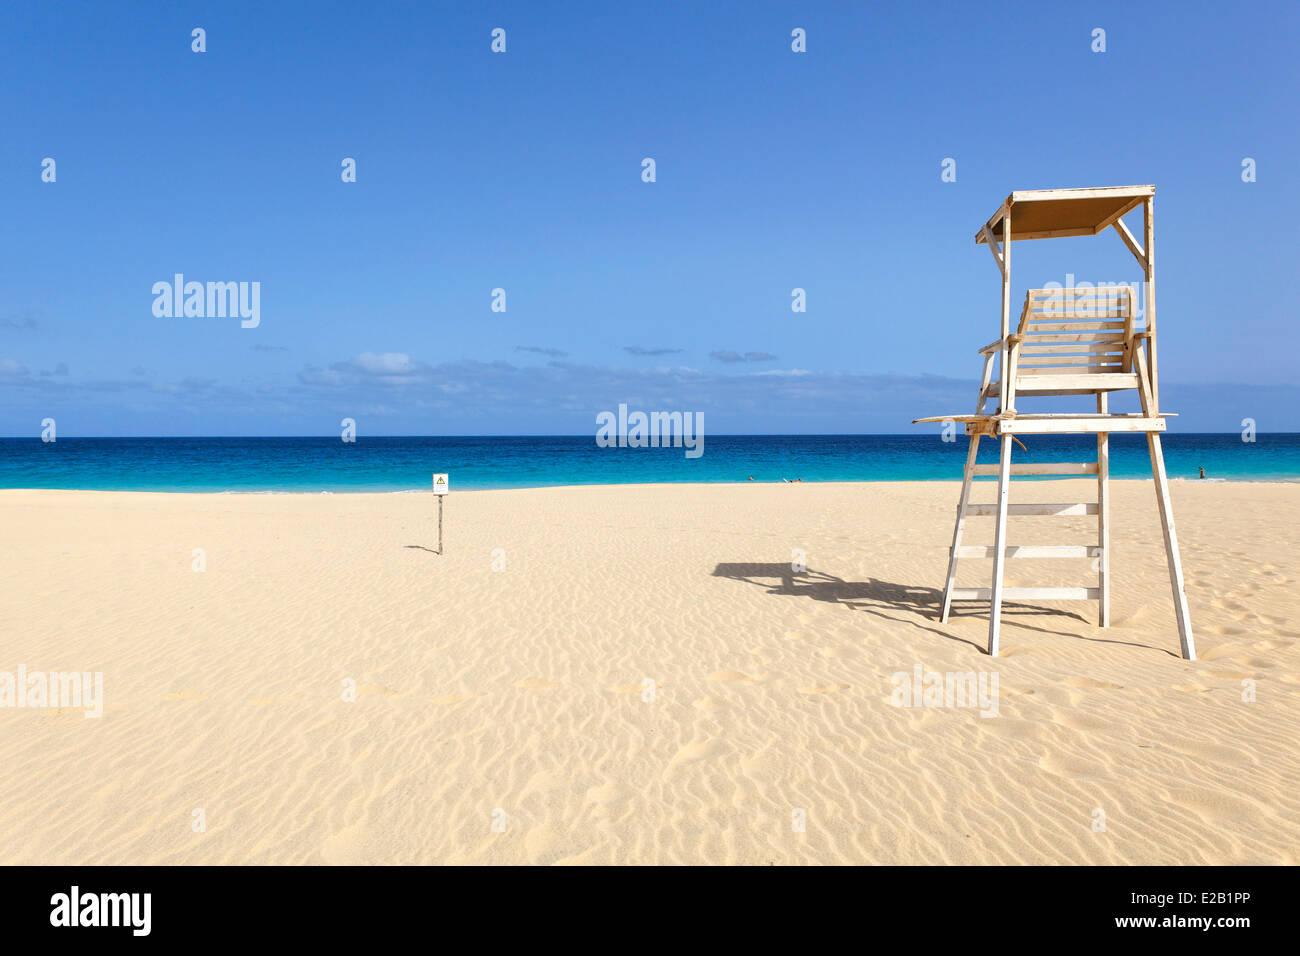 Cabo Verde, Sal, Santa Maria beach Imagen De Stock